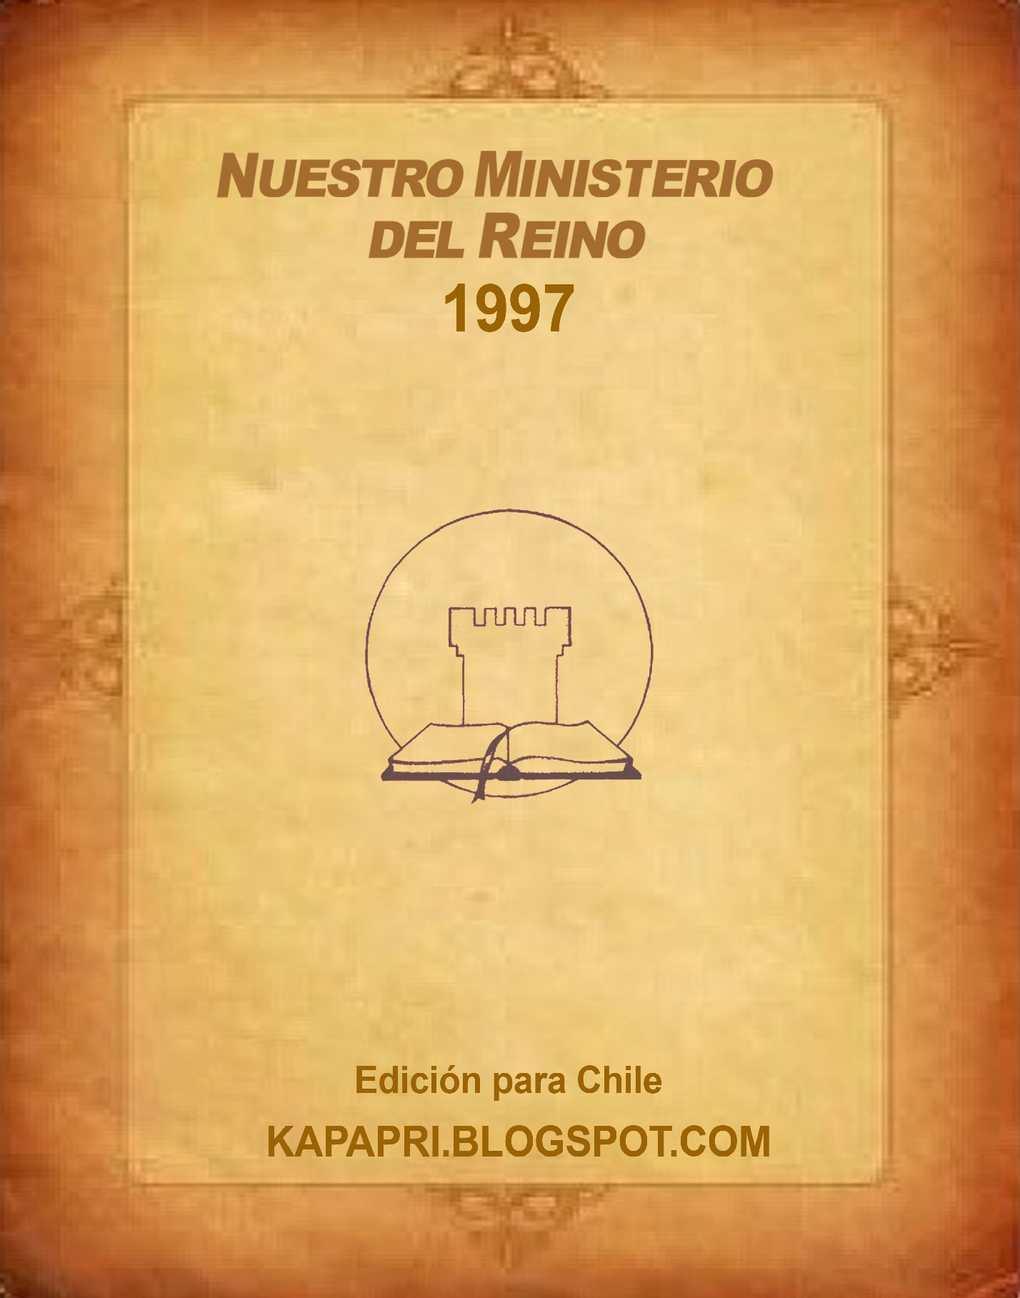 1997 Nuestro Ministerio del Reino